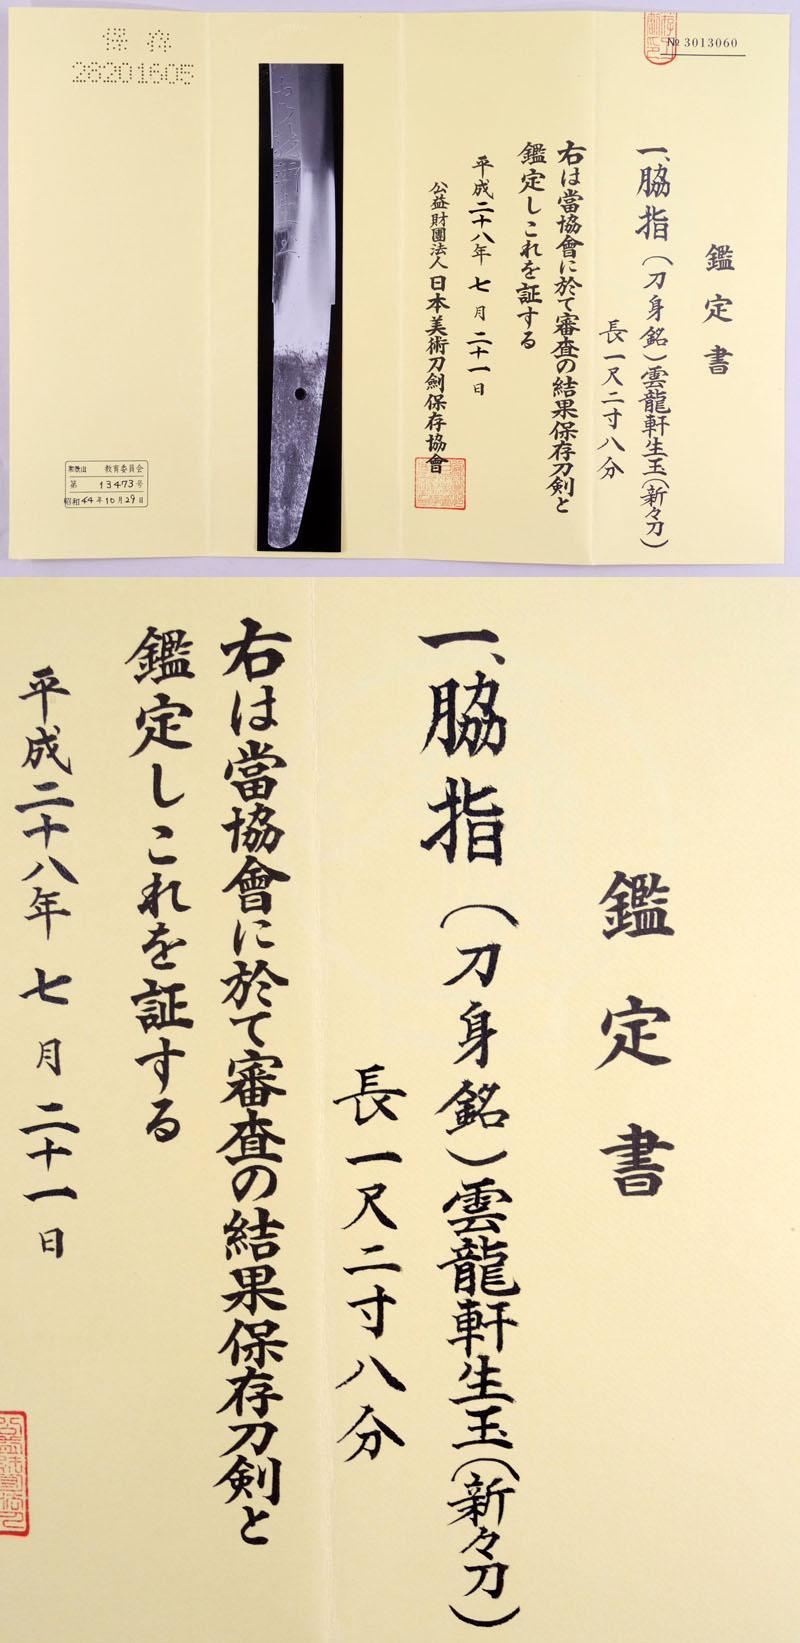 雲龍軒生玉 Picture of Certificate